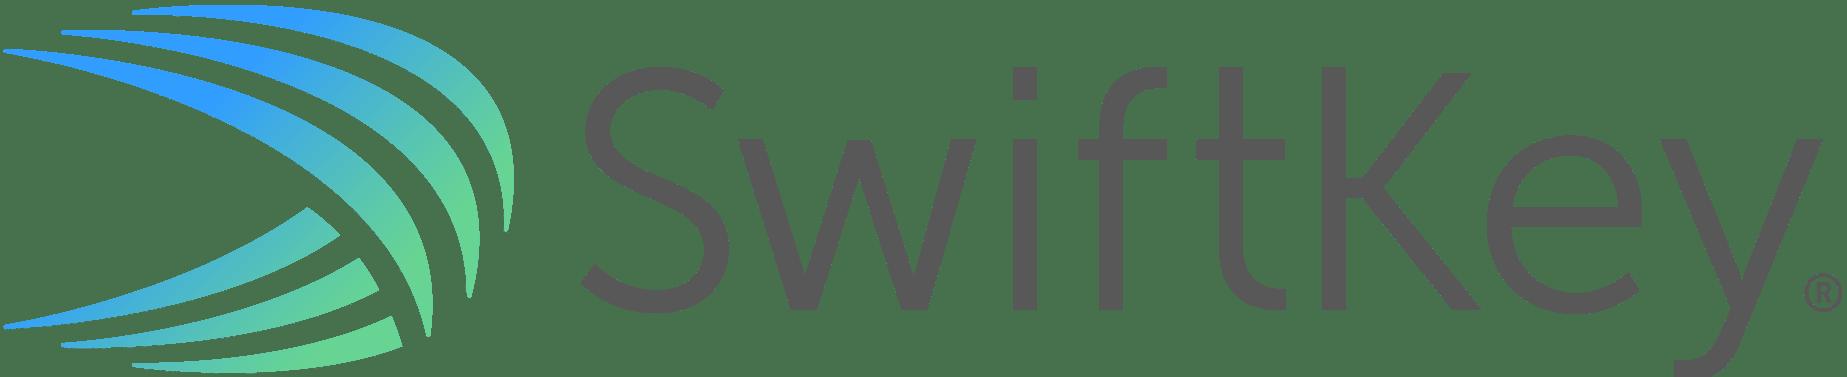 SwiftKey e cea mai bună tastatură Android din câte am folosit